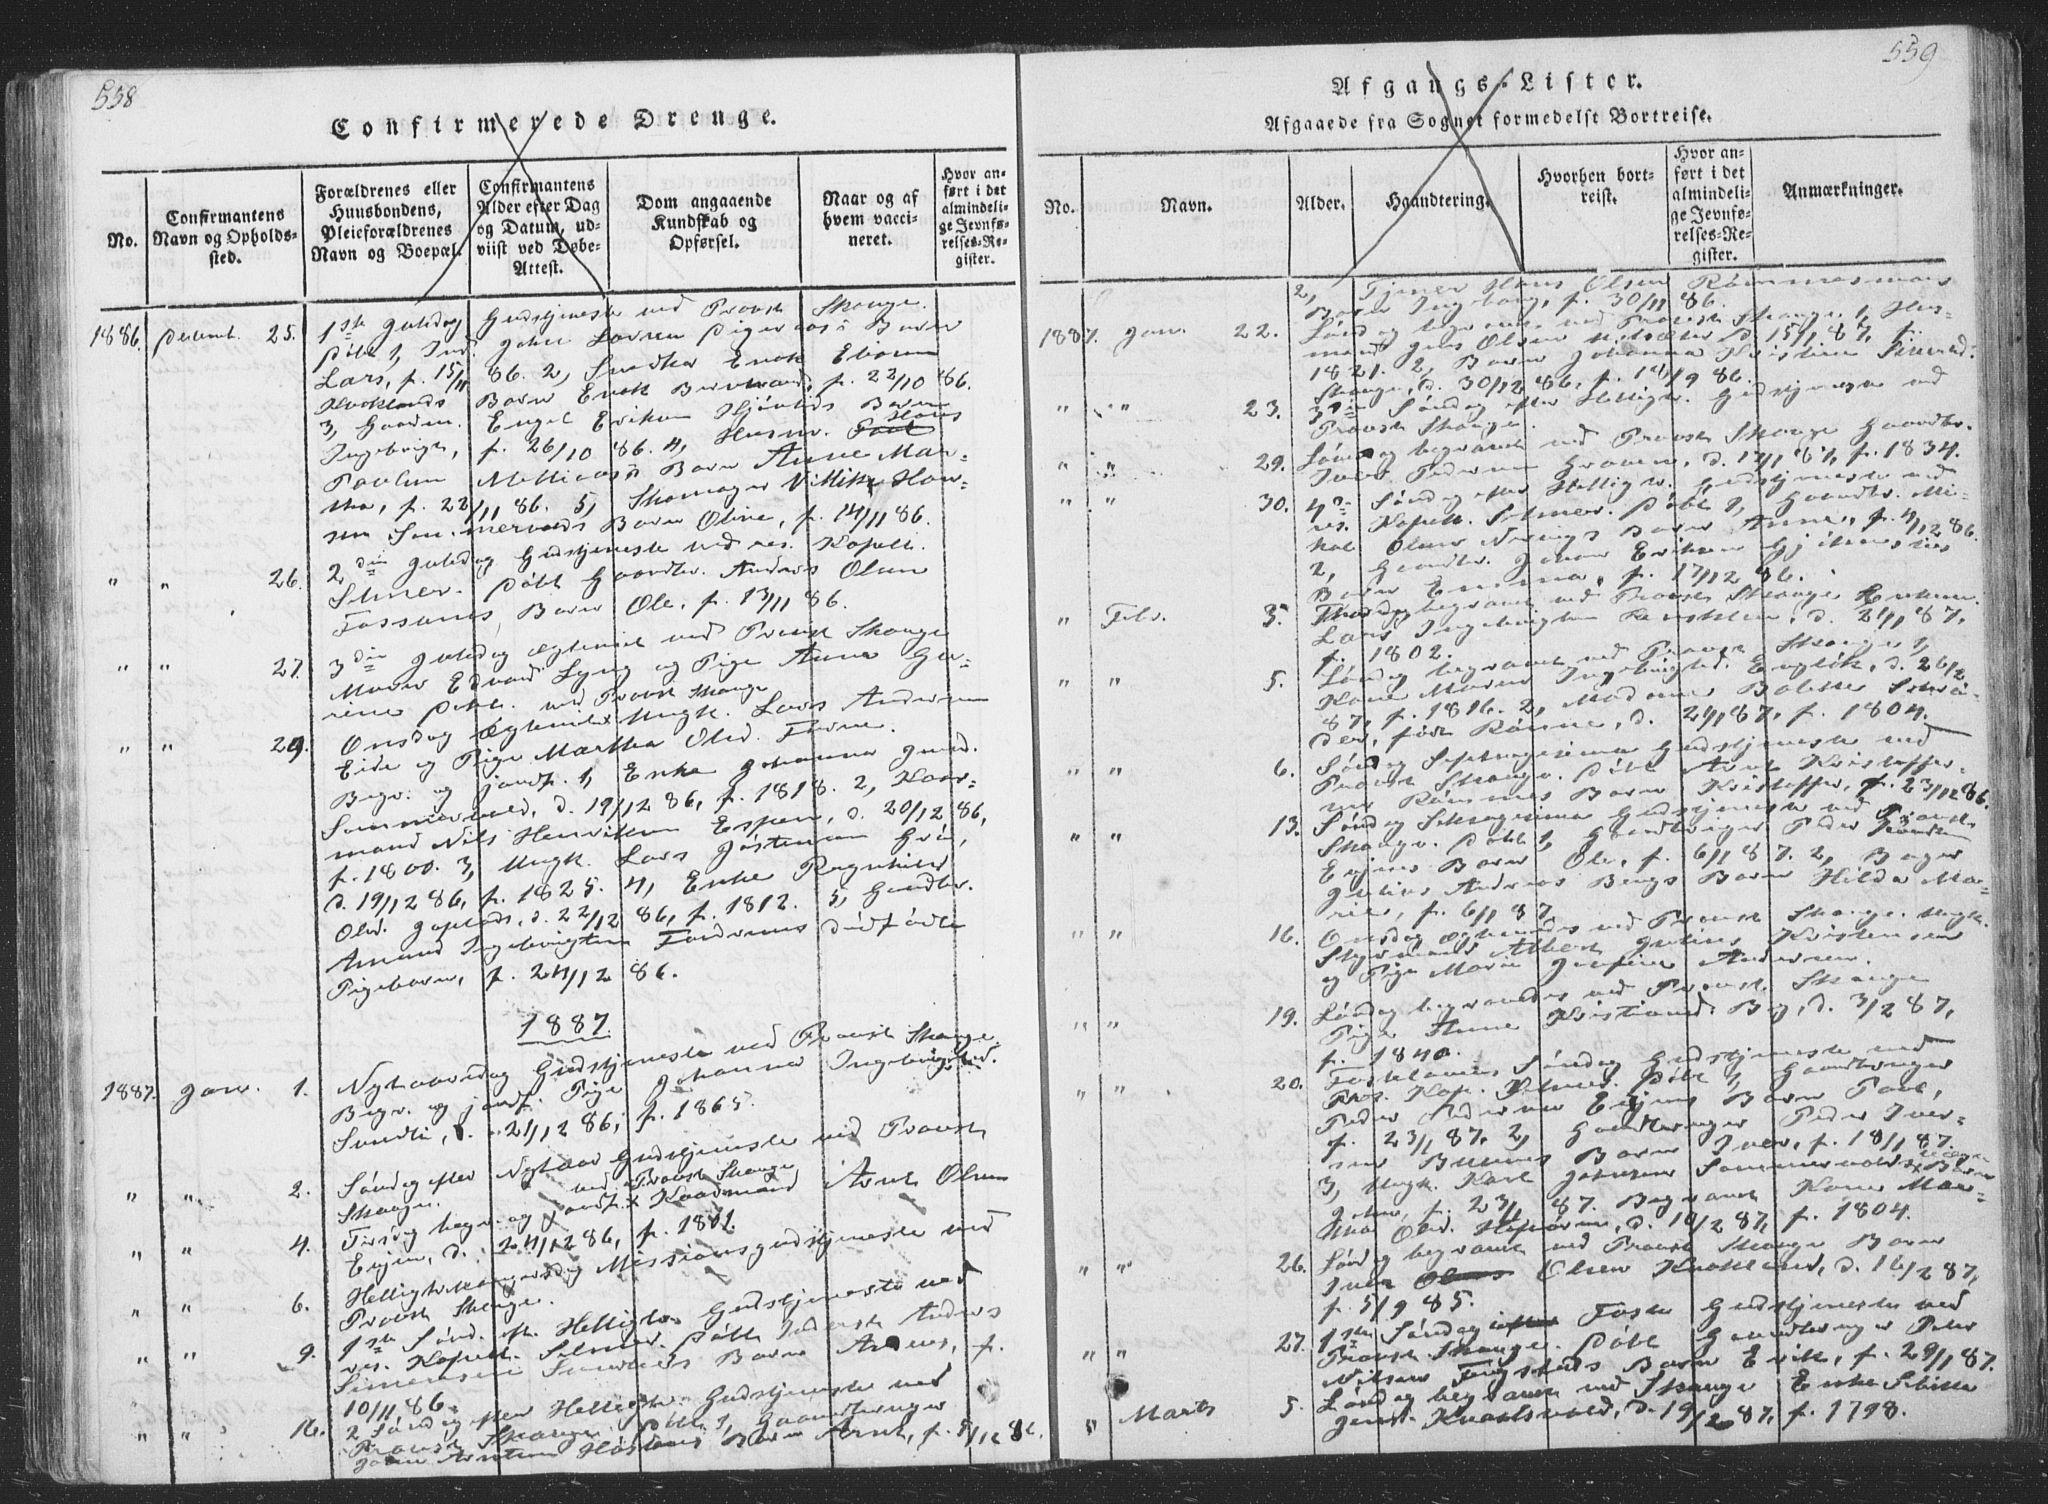 SAT, Ministerialprotokoller, klokkerbøker og fødselsregistre - Sør-Trøndelag, 668/L0816: Klokkerbok nr. 668C05, 1816-1893, s. 558-559